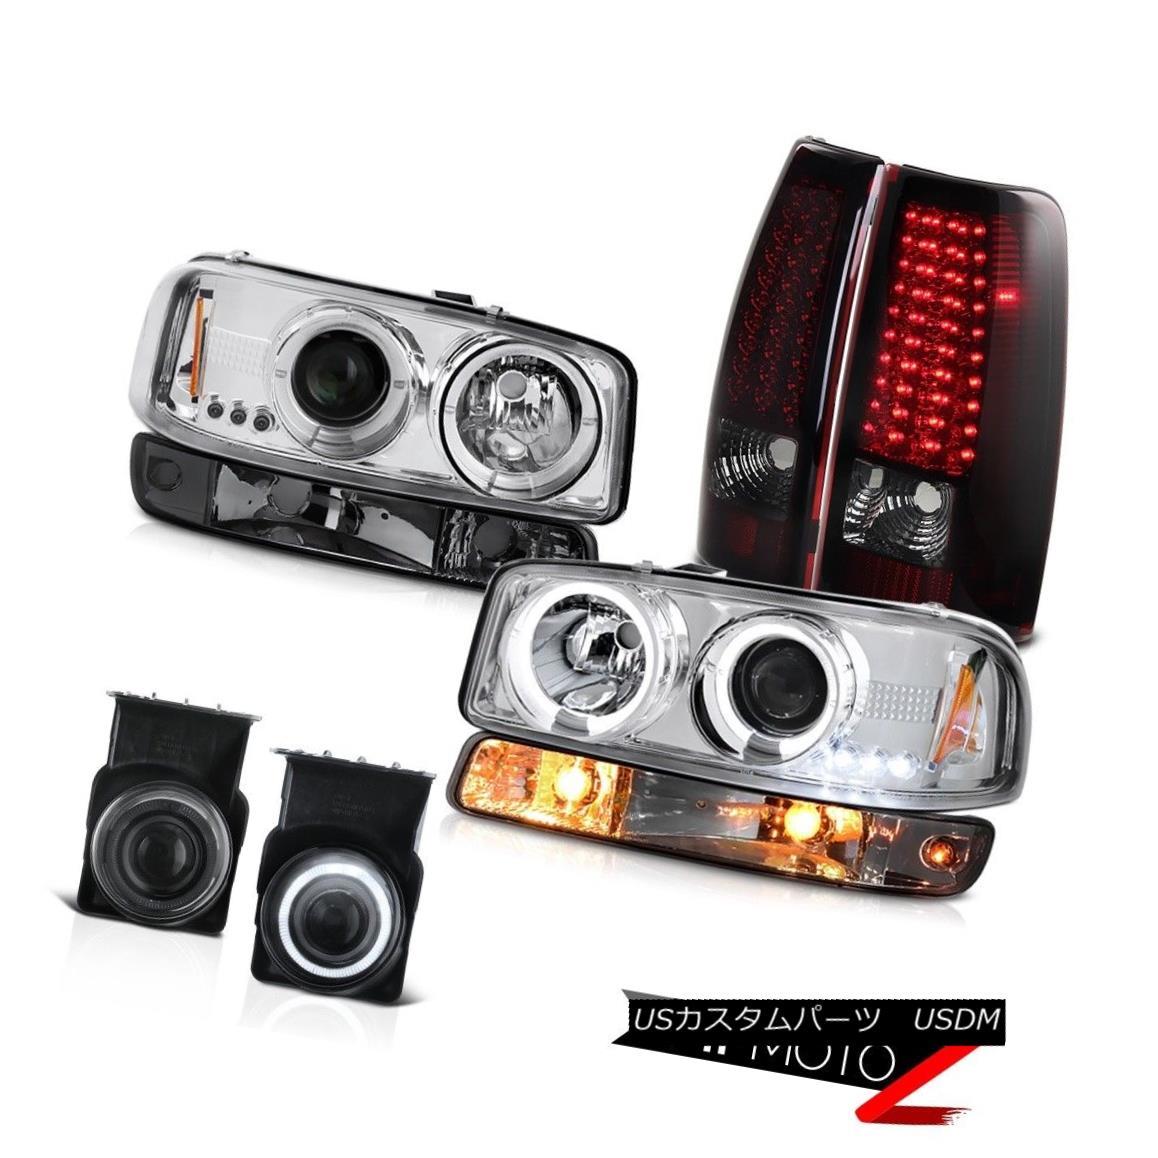 テールライト 03-06 Sierra SL Foglamps smokey red smd taillights turn signal chrome headlights 03-06 Sierra SL Foglampsスモーリー・レッドsmdテールライト・シグナル・クローム・ヘッドライト